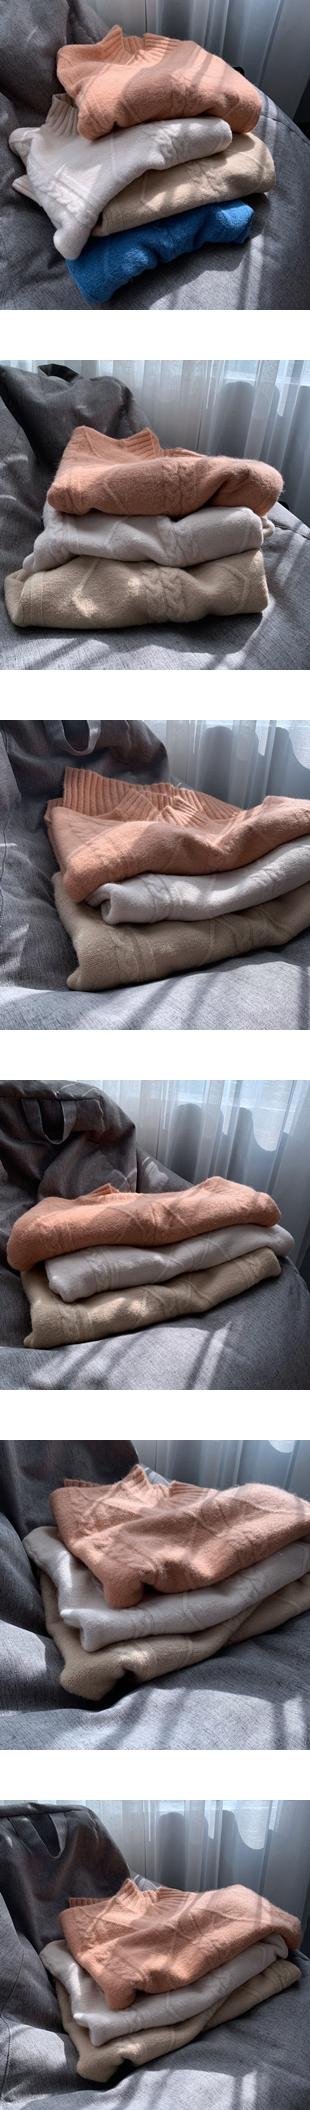 ♡ 右米衣飾 ♡【麻花慵懶風毛衣】大碼女裝 胖mm 棉花糖女孩 日系原創 大碼毛衣 軟糯溫暖 圓領純色毛衣長袖毛衣